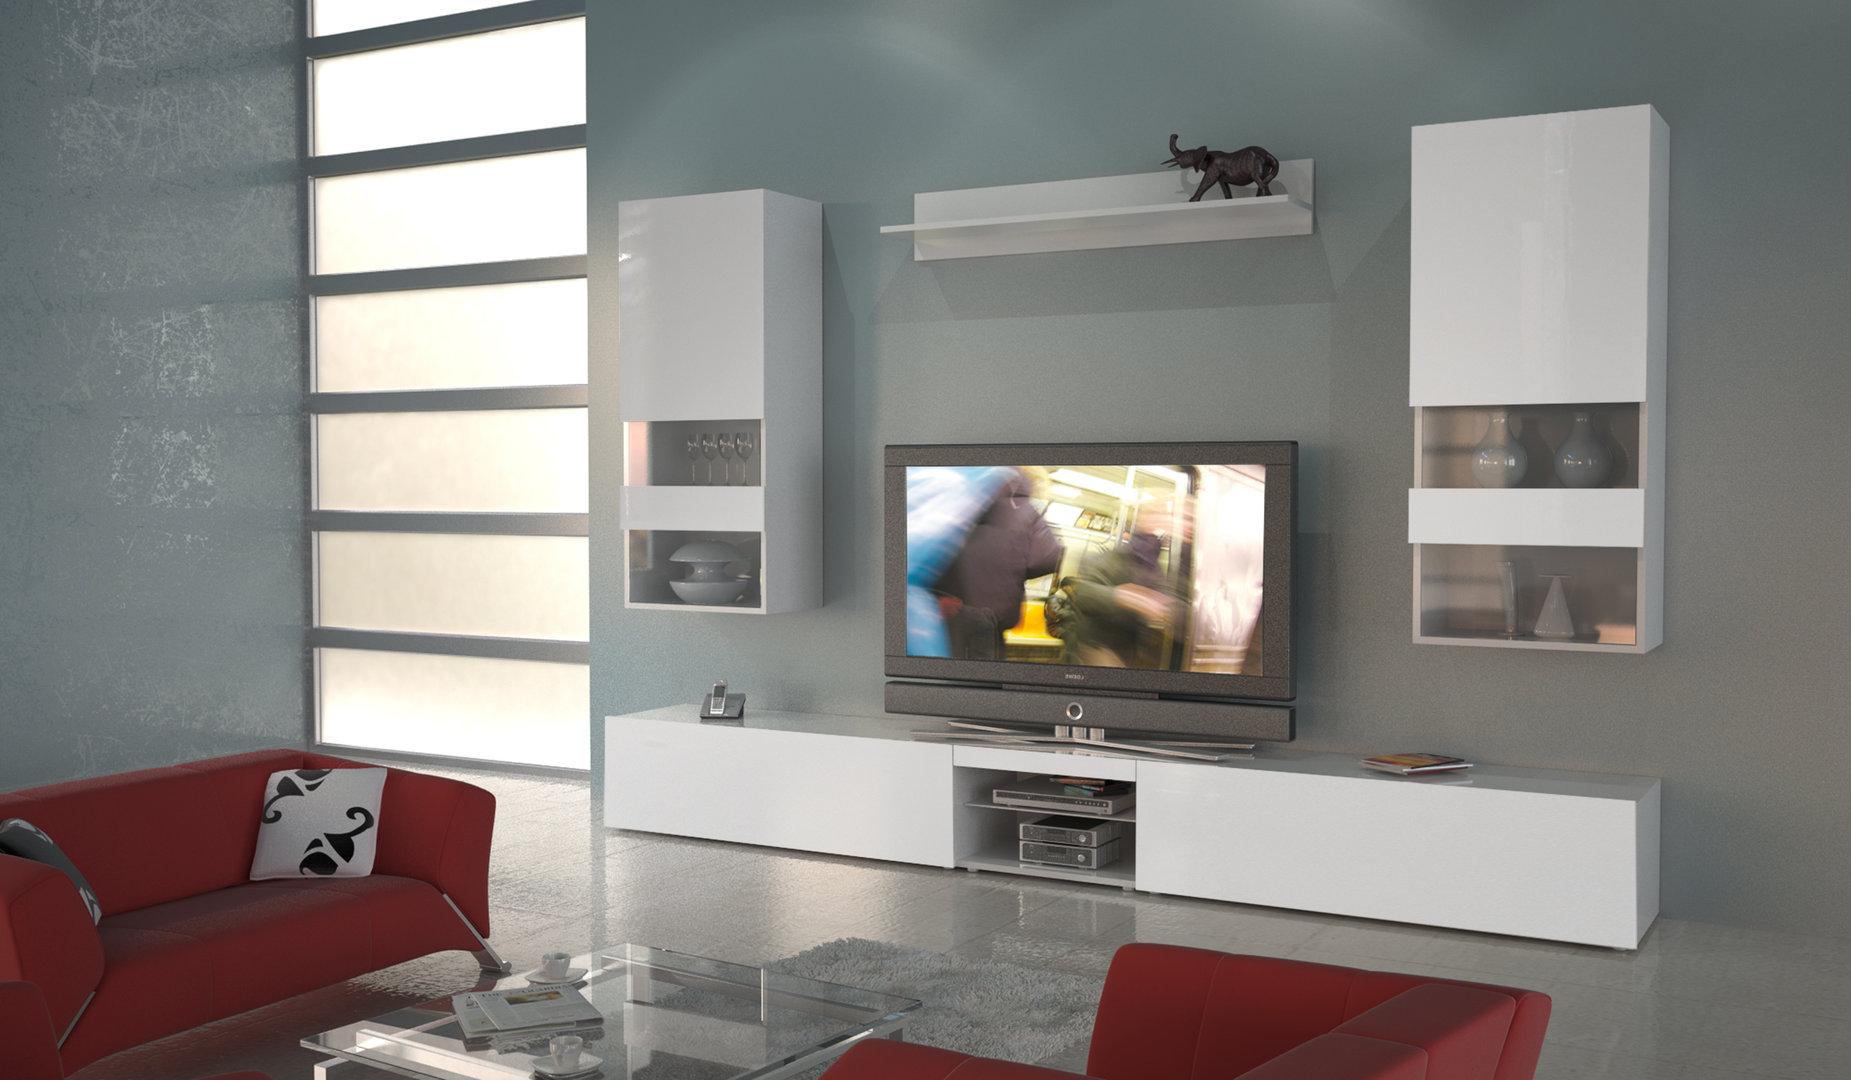 Soggiorno moderno Trento, mobile porta tv bianco elegante